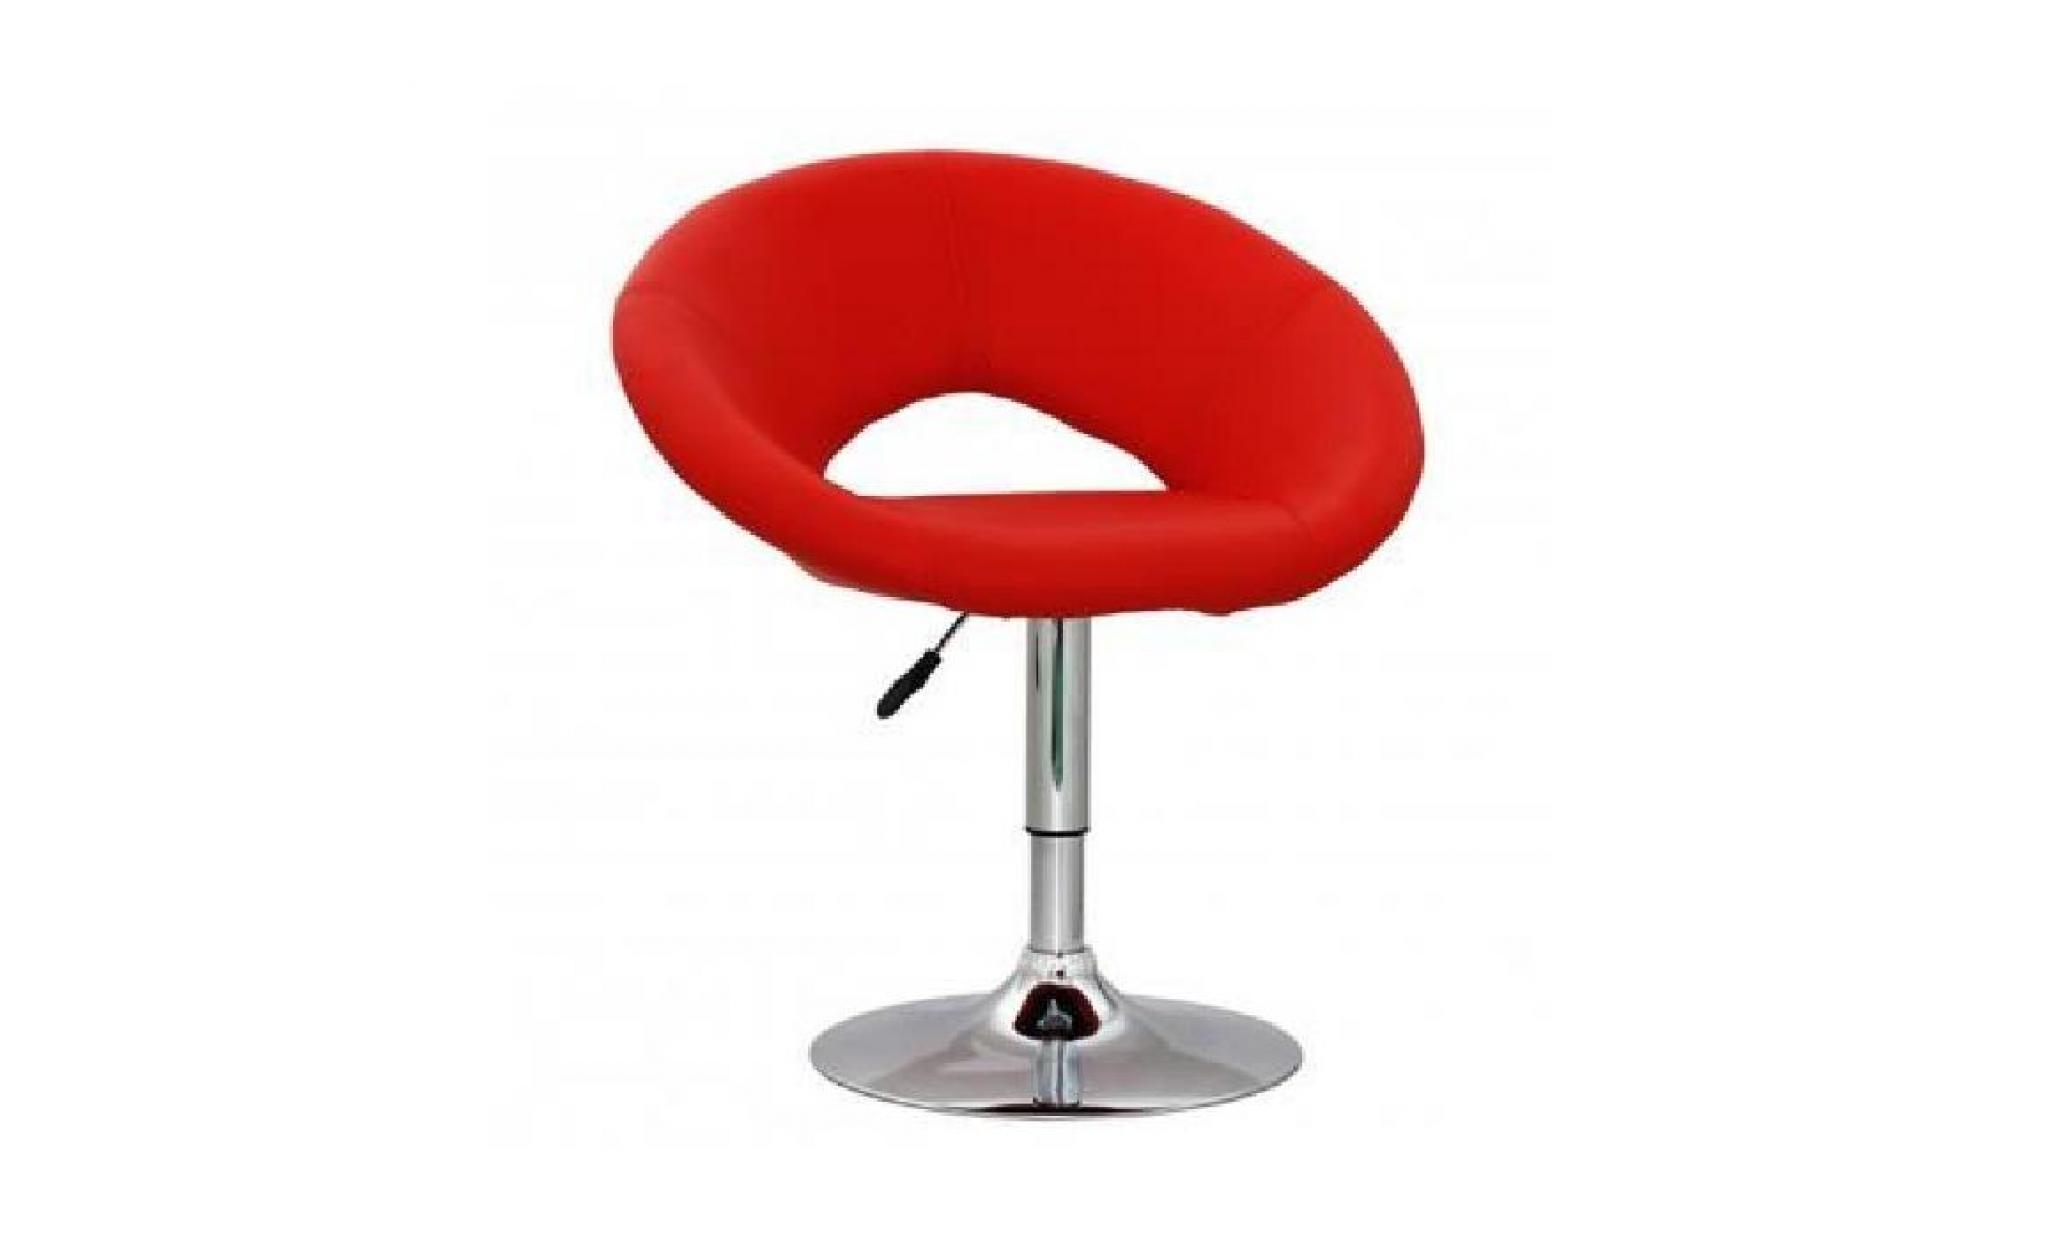 fauteuil de bar pas cher fauteuil de bar pas cher. Black Bedroom Furniture Sets. Home Design Ideas